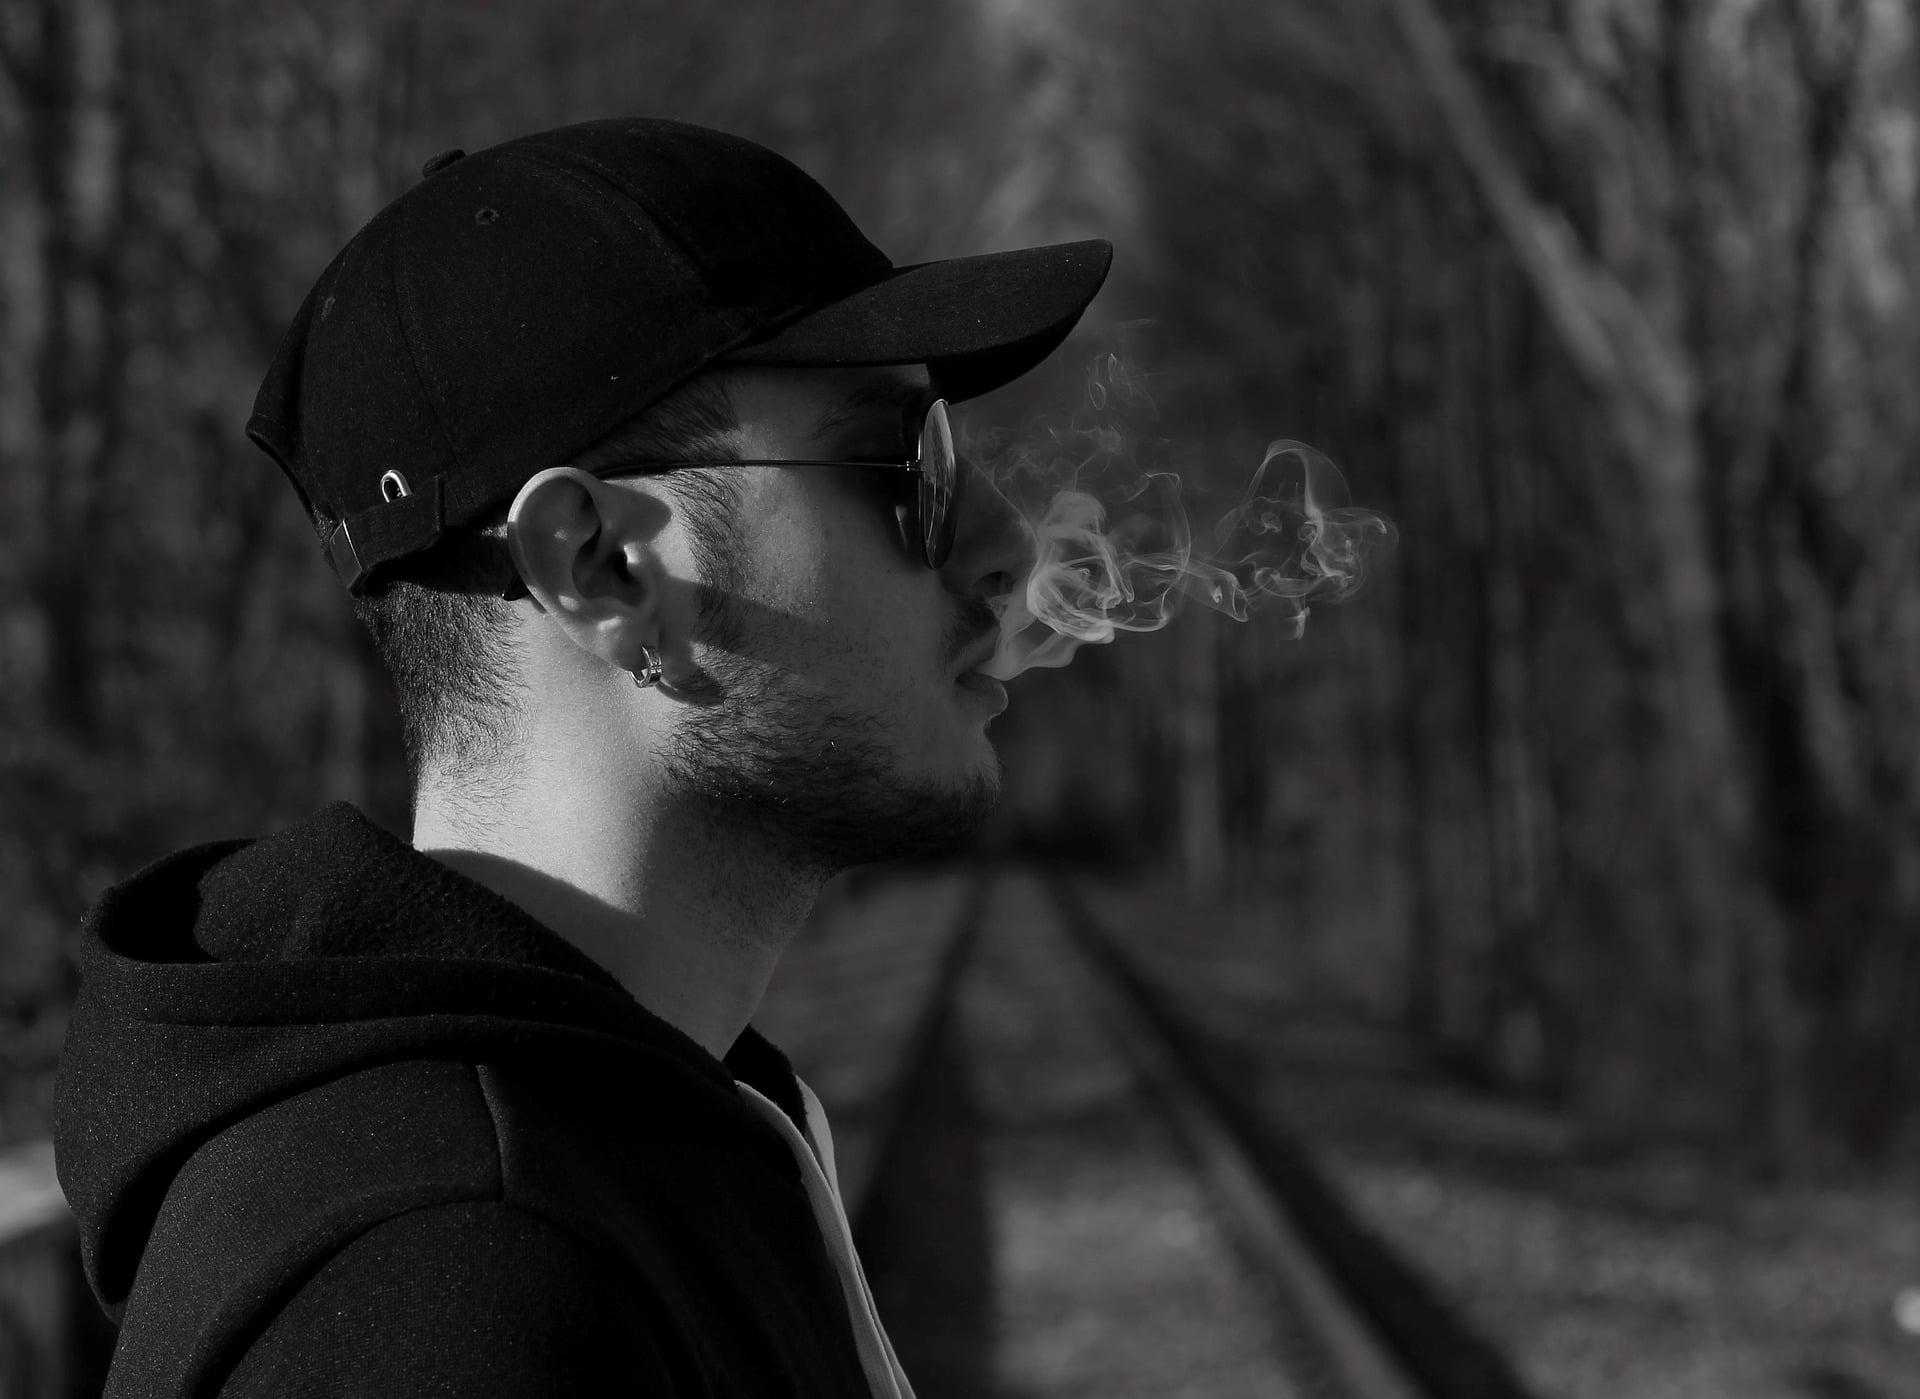 consecuencias de fumar porros